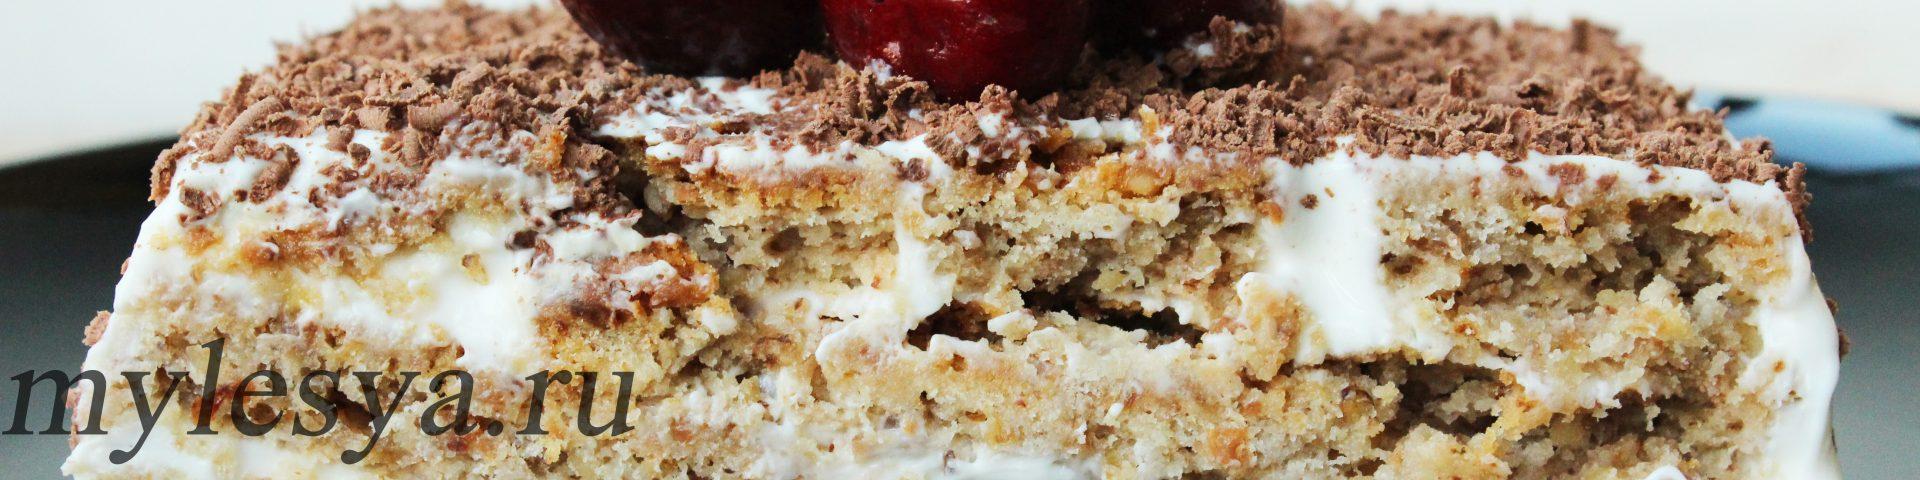 Торт «Поленница» (с изюмом и орехами)